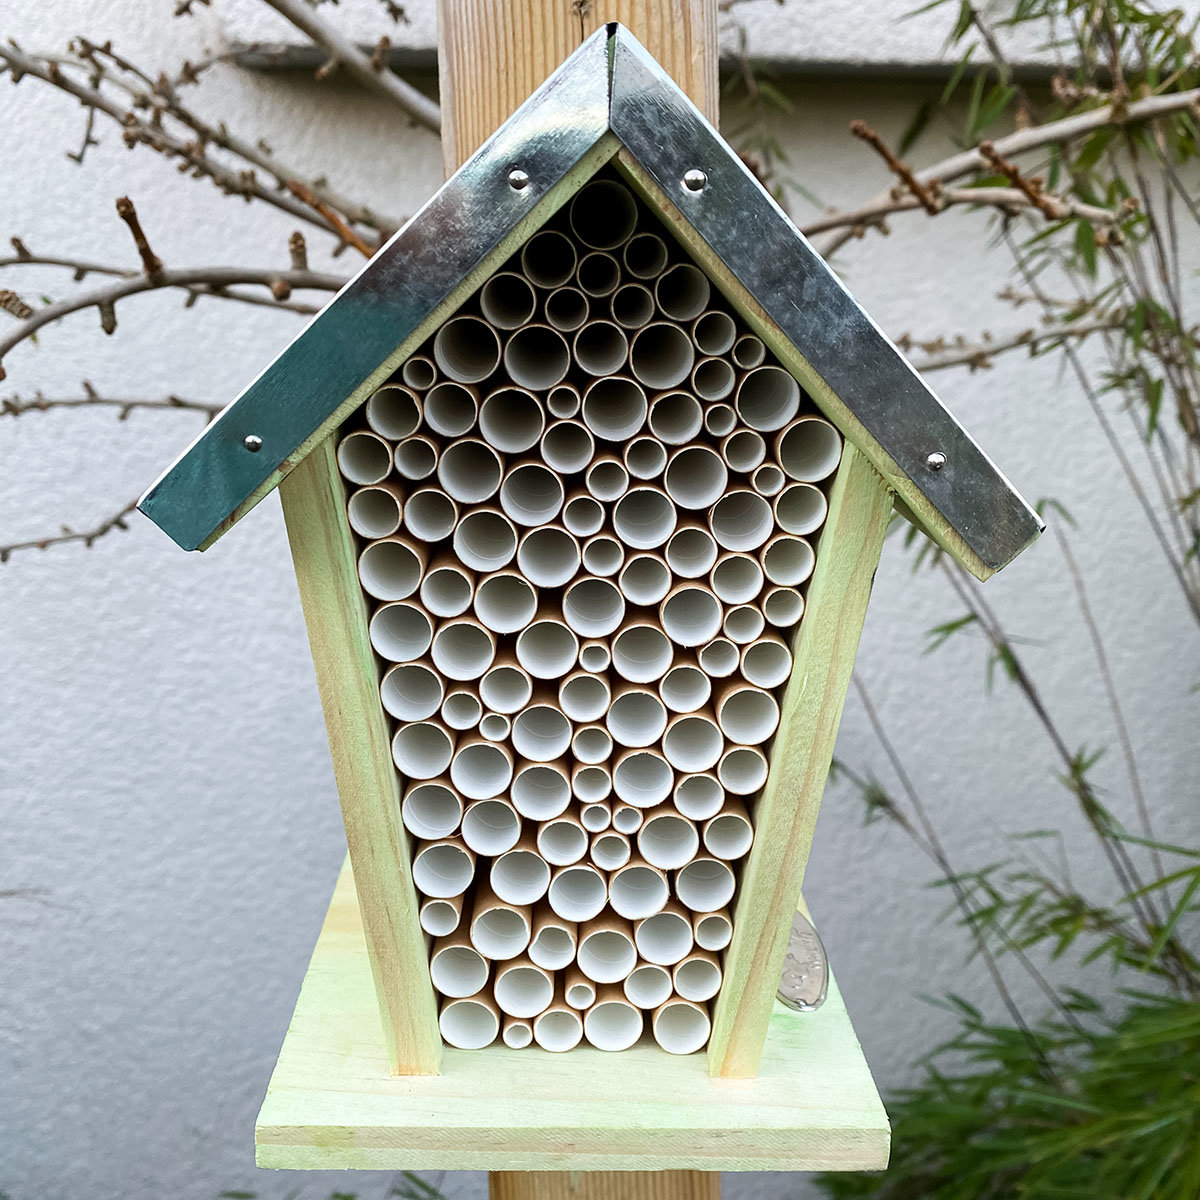 Bienenhaus mit Zinkdach, Kiefernholz, ca. 12 x 15 x 21 cm | #3